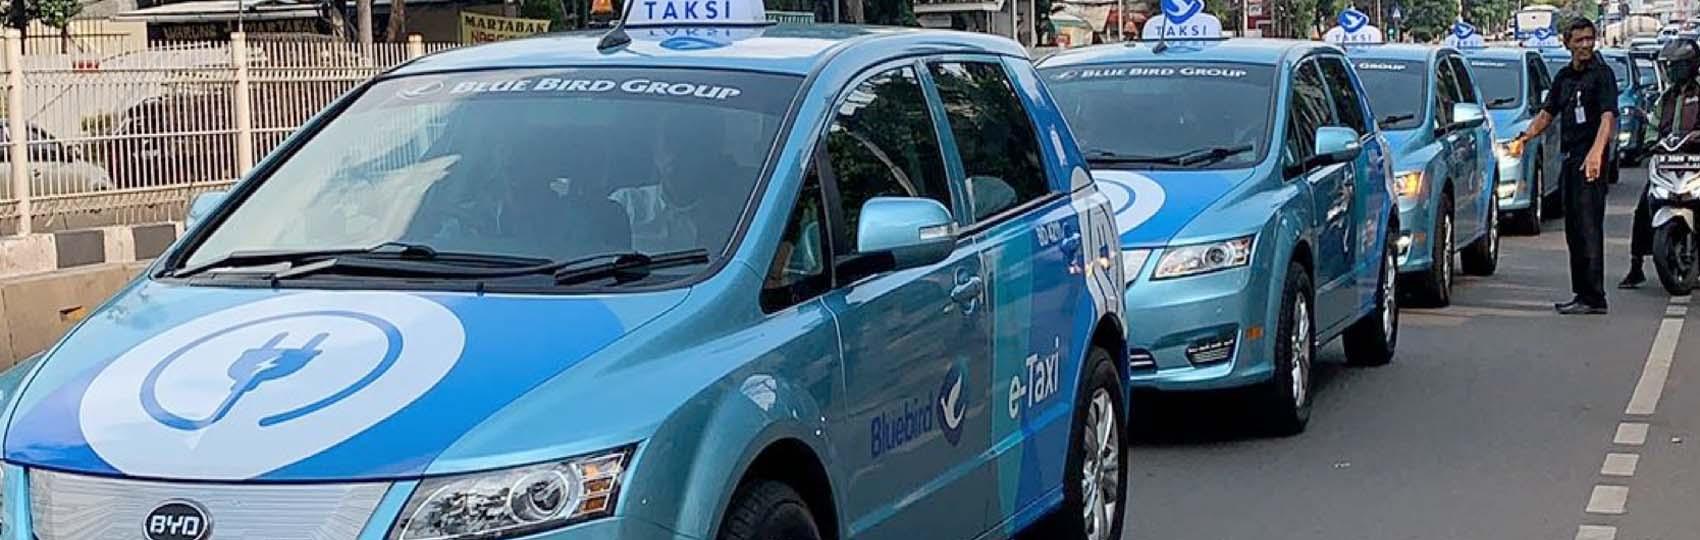 Noticias del sector del taxi y la movilidad en Indonesia. Mantente informado de todas las noticias del taxi de Indonesia en el grupo de Facebook de Todo Taxi.